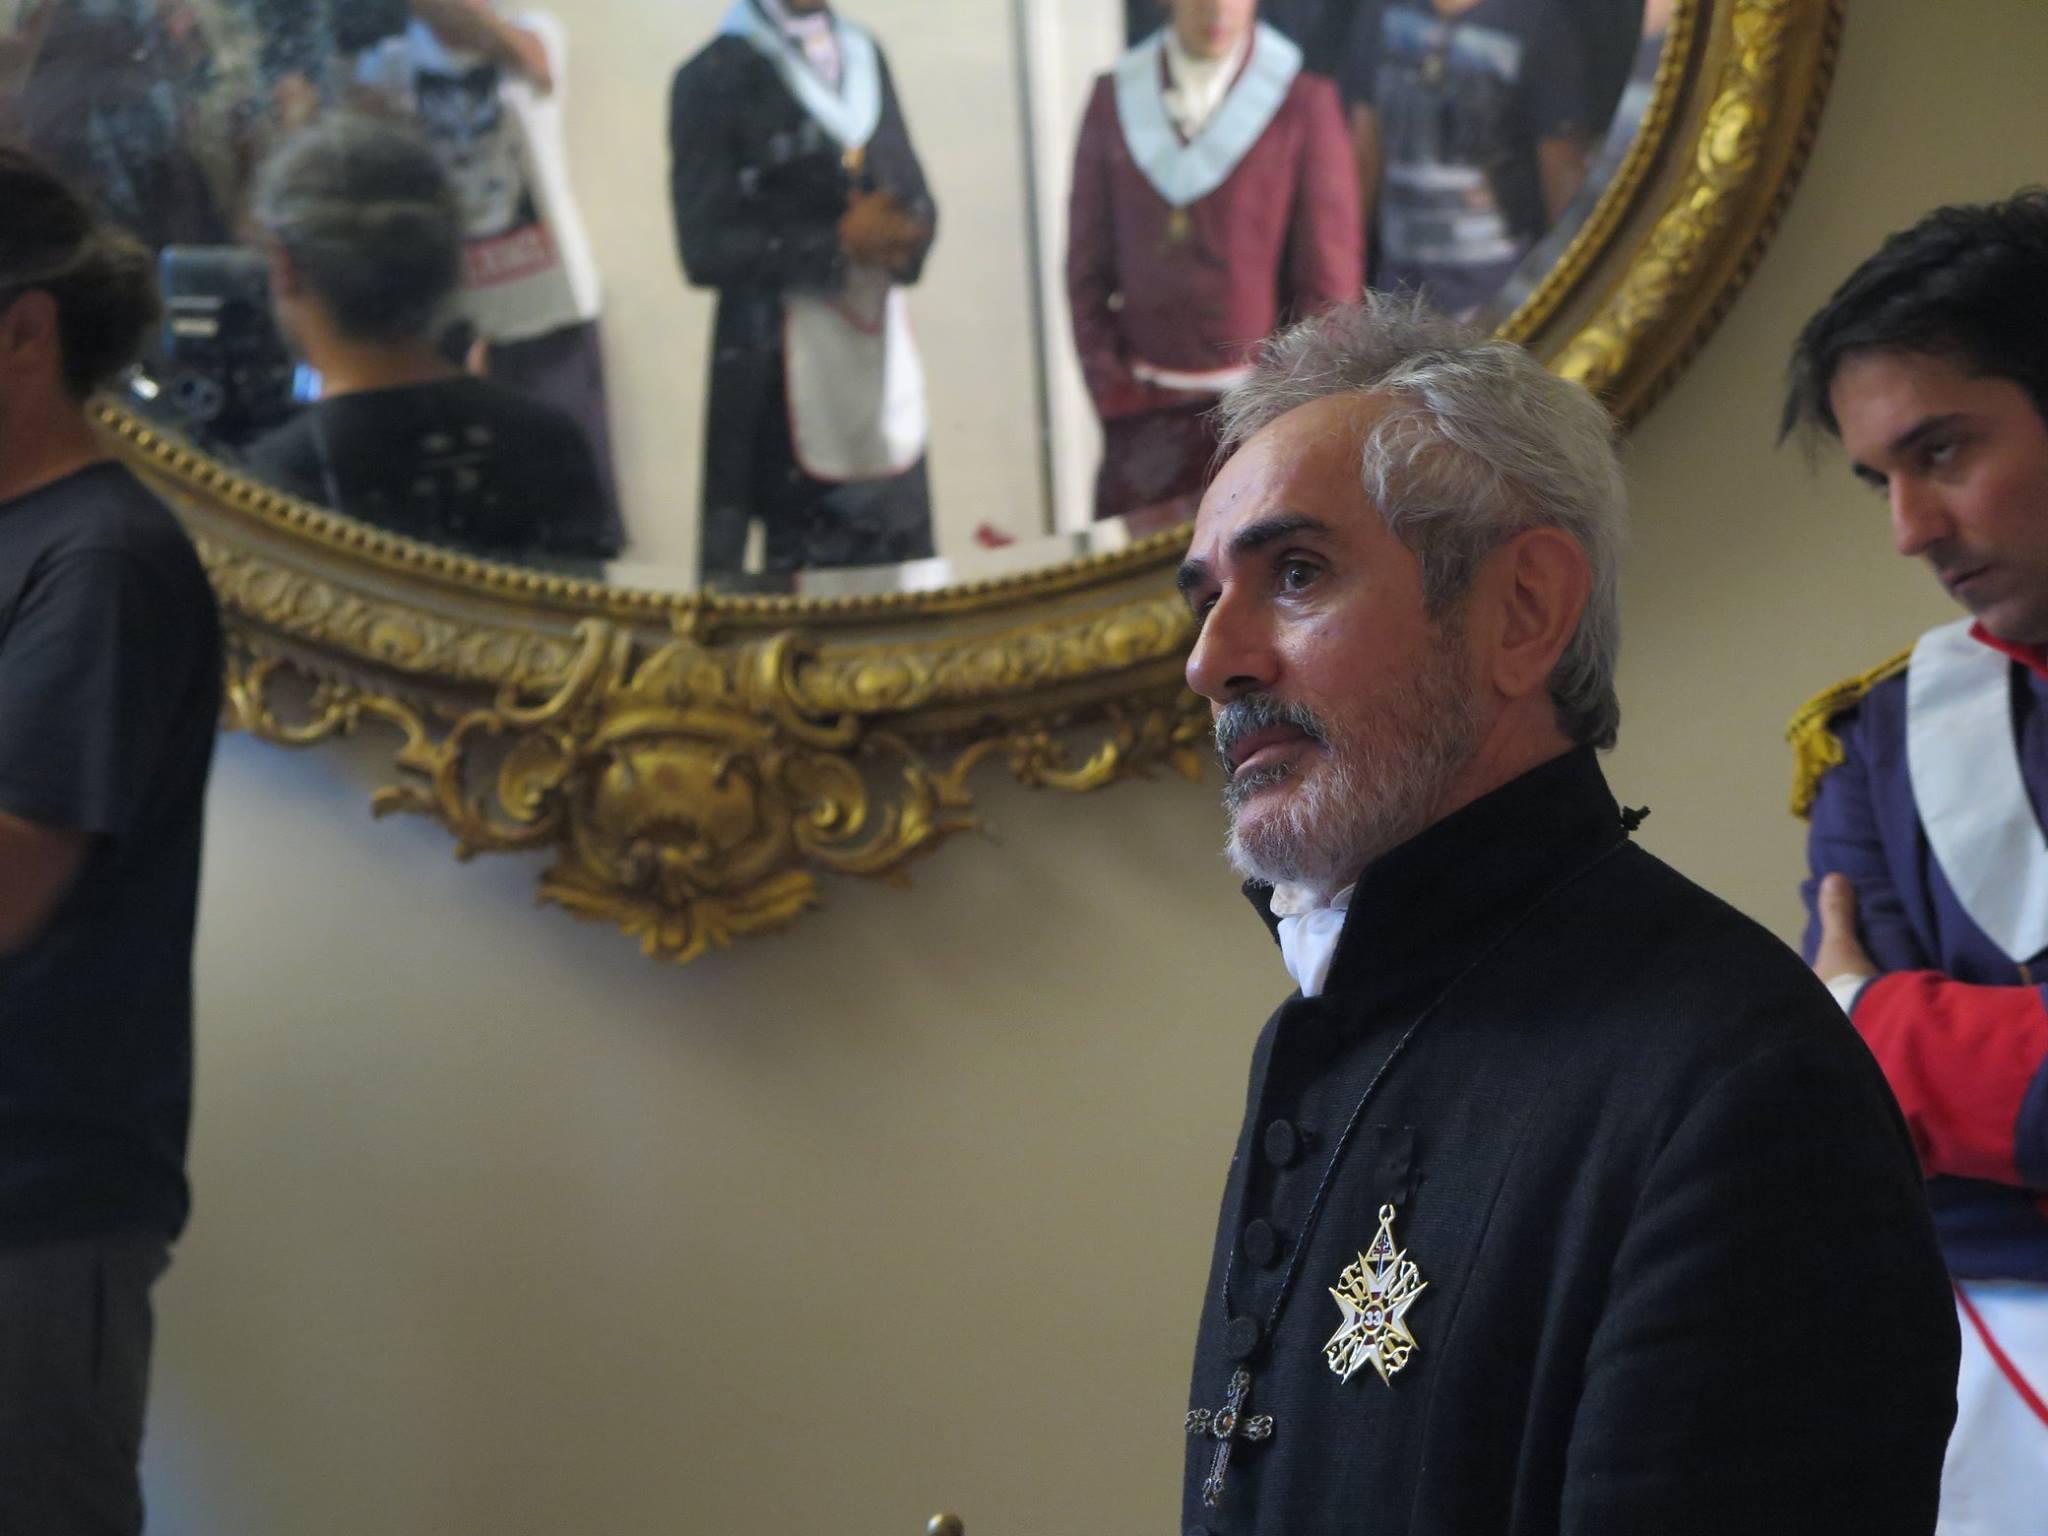 Domingos Antonio and Buda Lira in 1817: A revolução esquecida (2017)